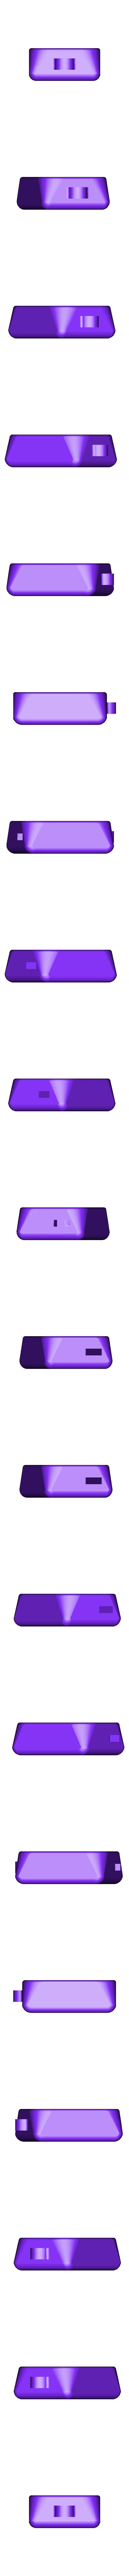 keychain.stl Télécharger fichier STL Litokey ( Porte-clés ) • Design à imprimer en 3D, Bandy88